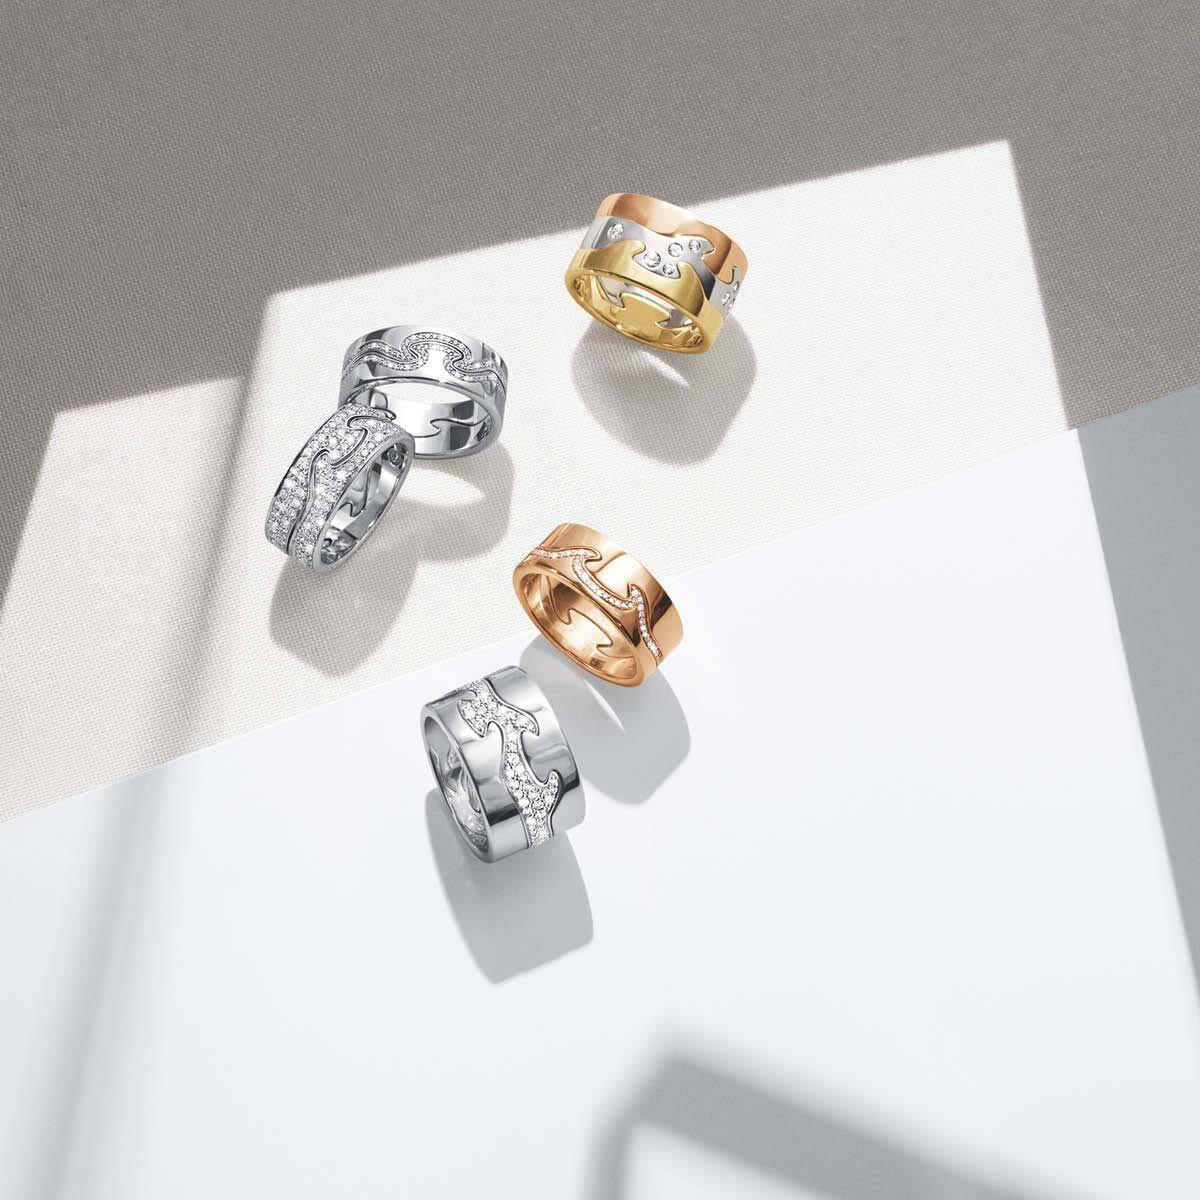 FUSION フュージョン オープンバングル 18 K ホワイトゴールド + パヴェダイヤモンド